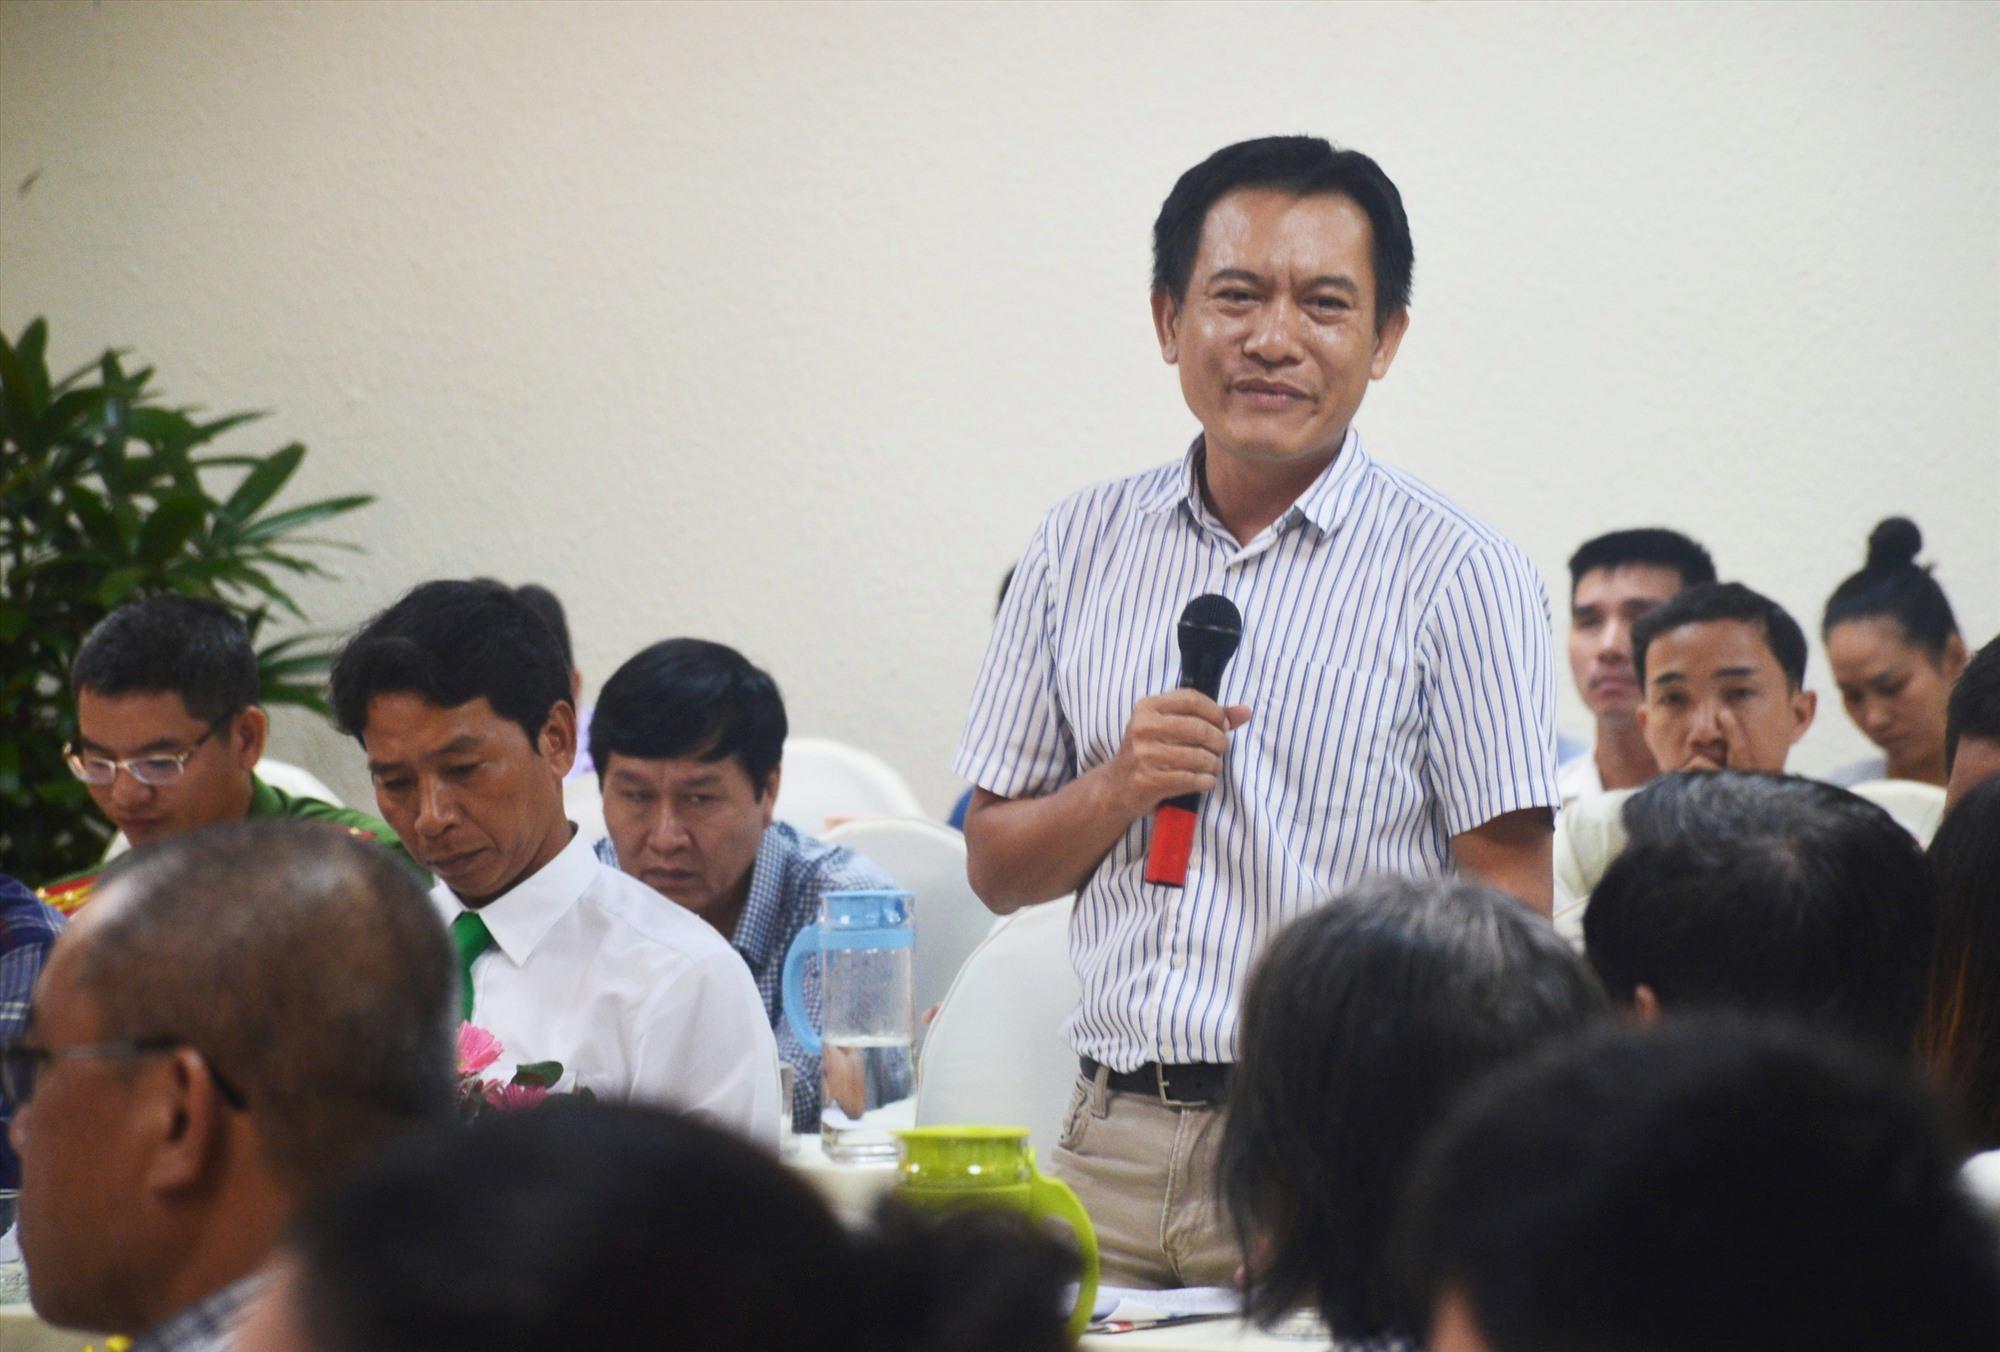 Ông Phan Xuân Thanh - Chủ tịch Hiệp hội Du lịch Quảng Nam phát biểu tại buổi gặp gỡ. Ảnh: Q.T